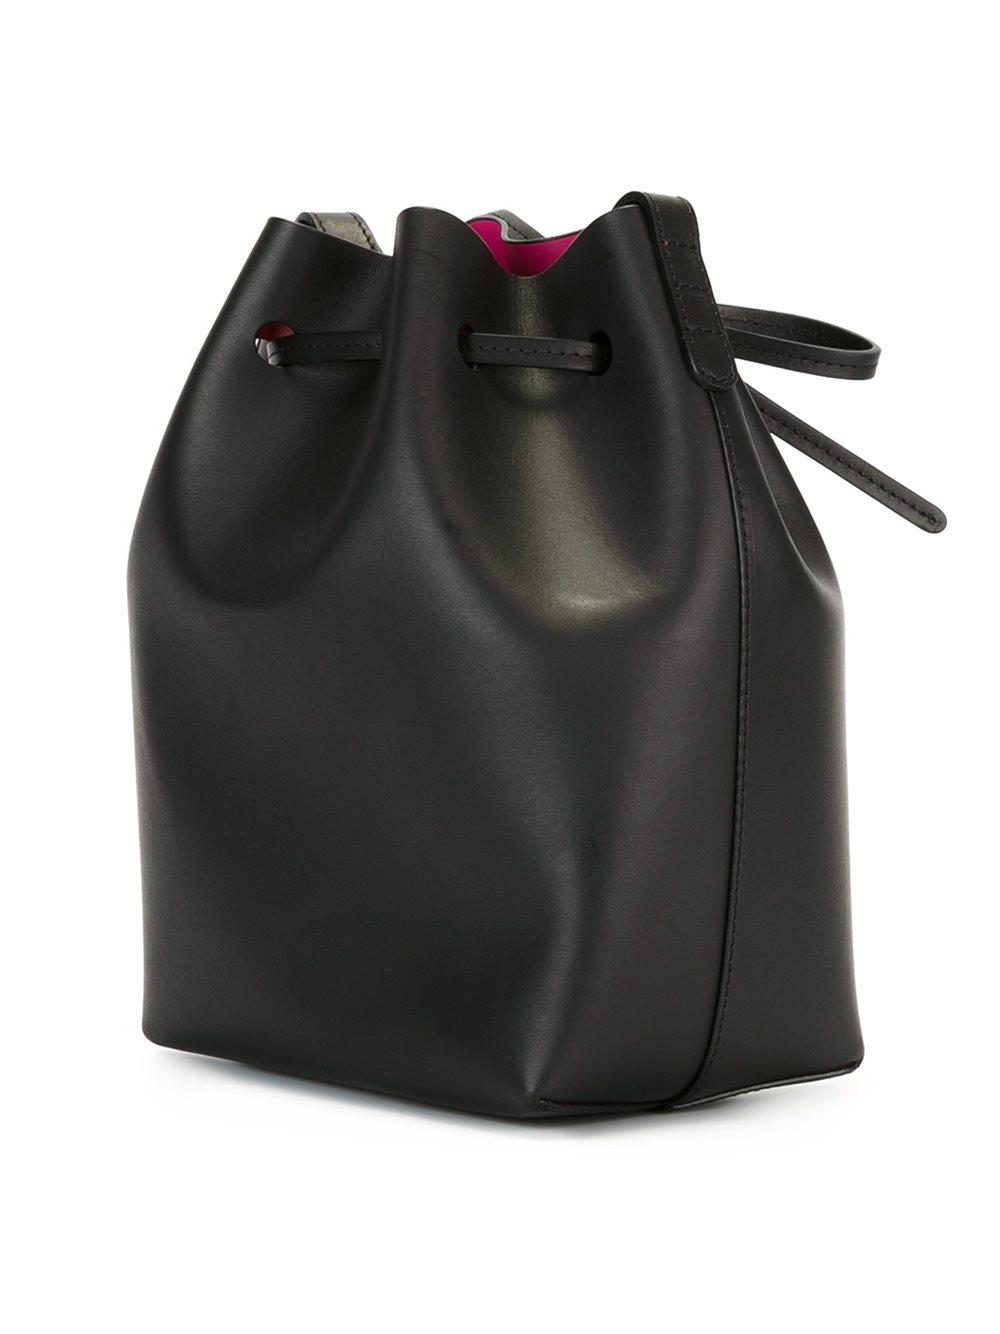 mansur gavriel mini bucket bag in black lyst. Black Bedroom Furniture Sets. Home Design Ideas